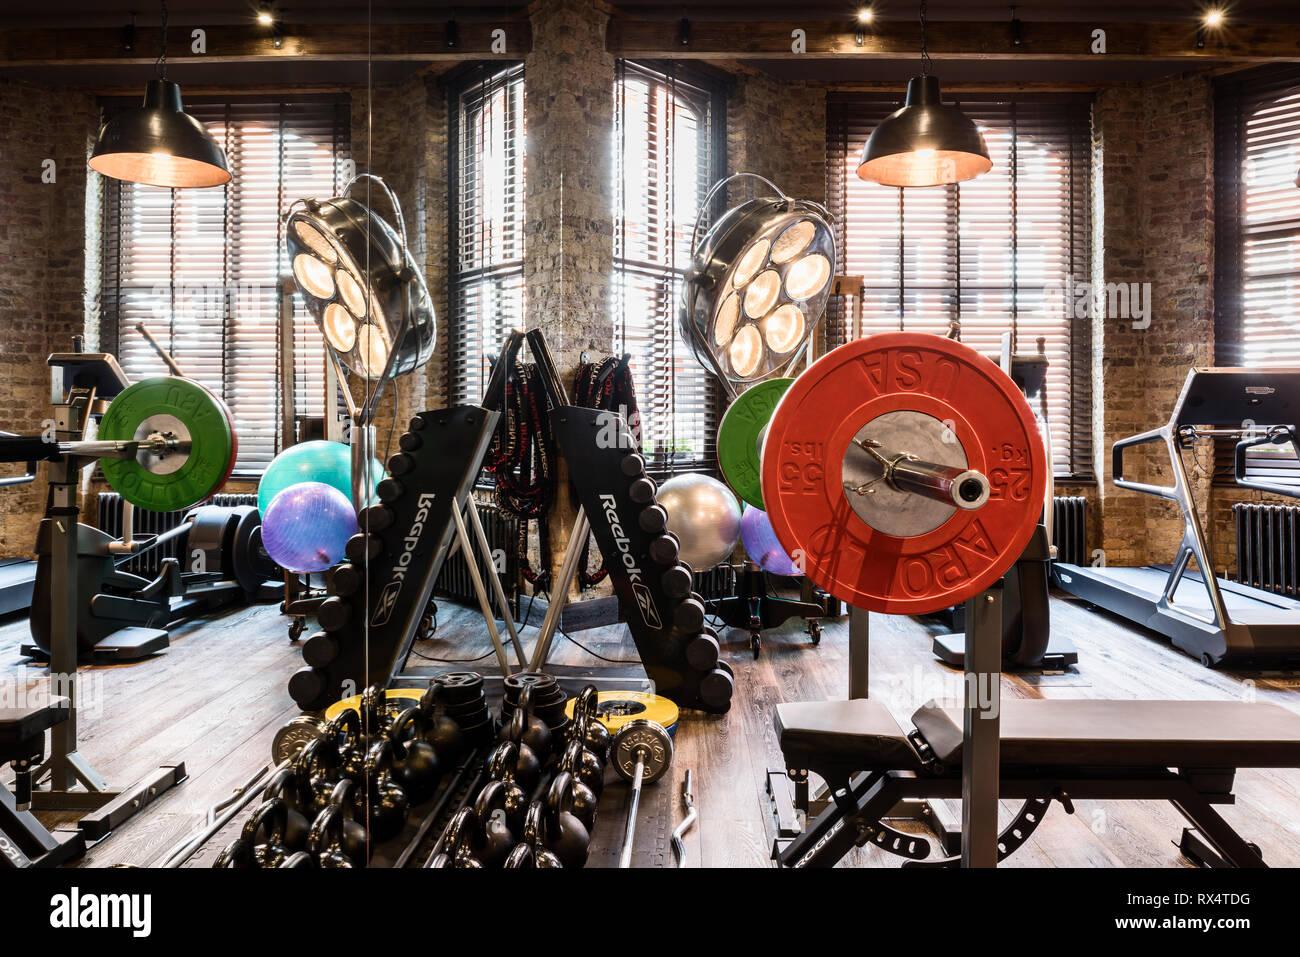 L'équipement d'exercice dans la salle de sport rustique Photo Stock